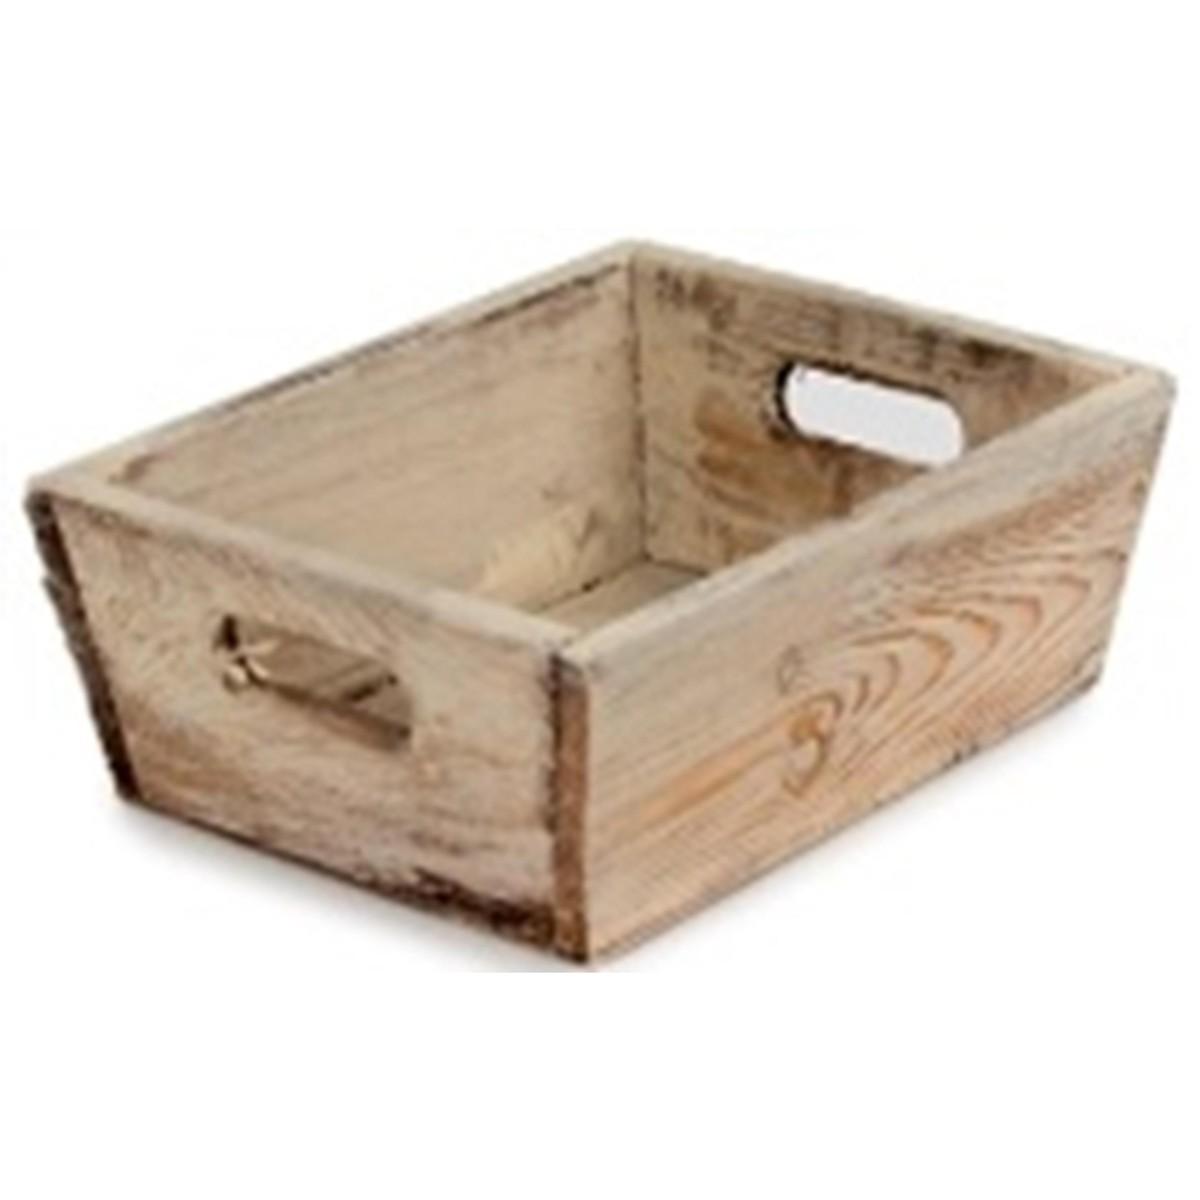 Caisse Pomme schilliger sélection caisse à pomme de terre 33x26x12cm | schilliger